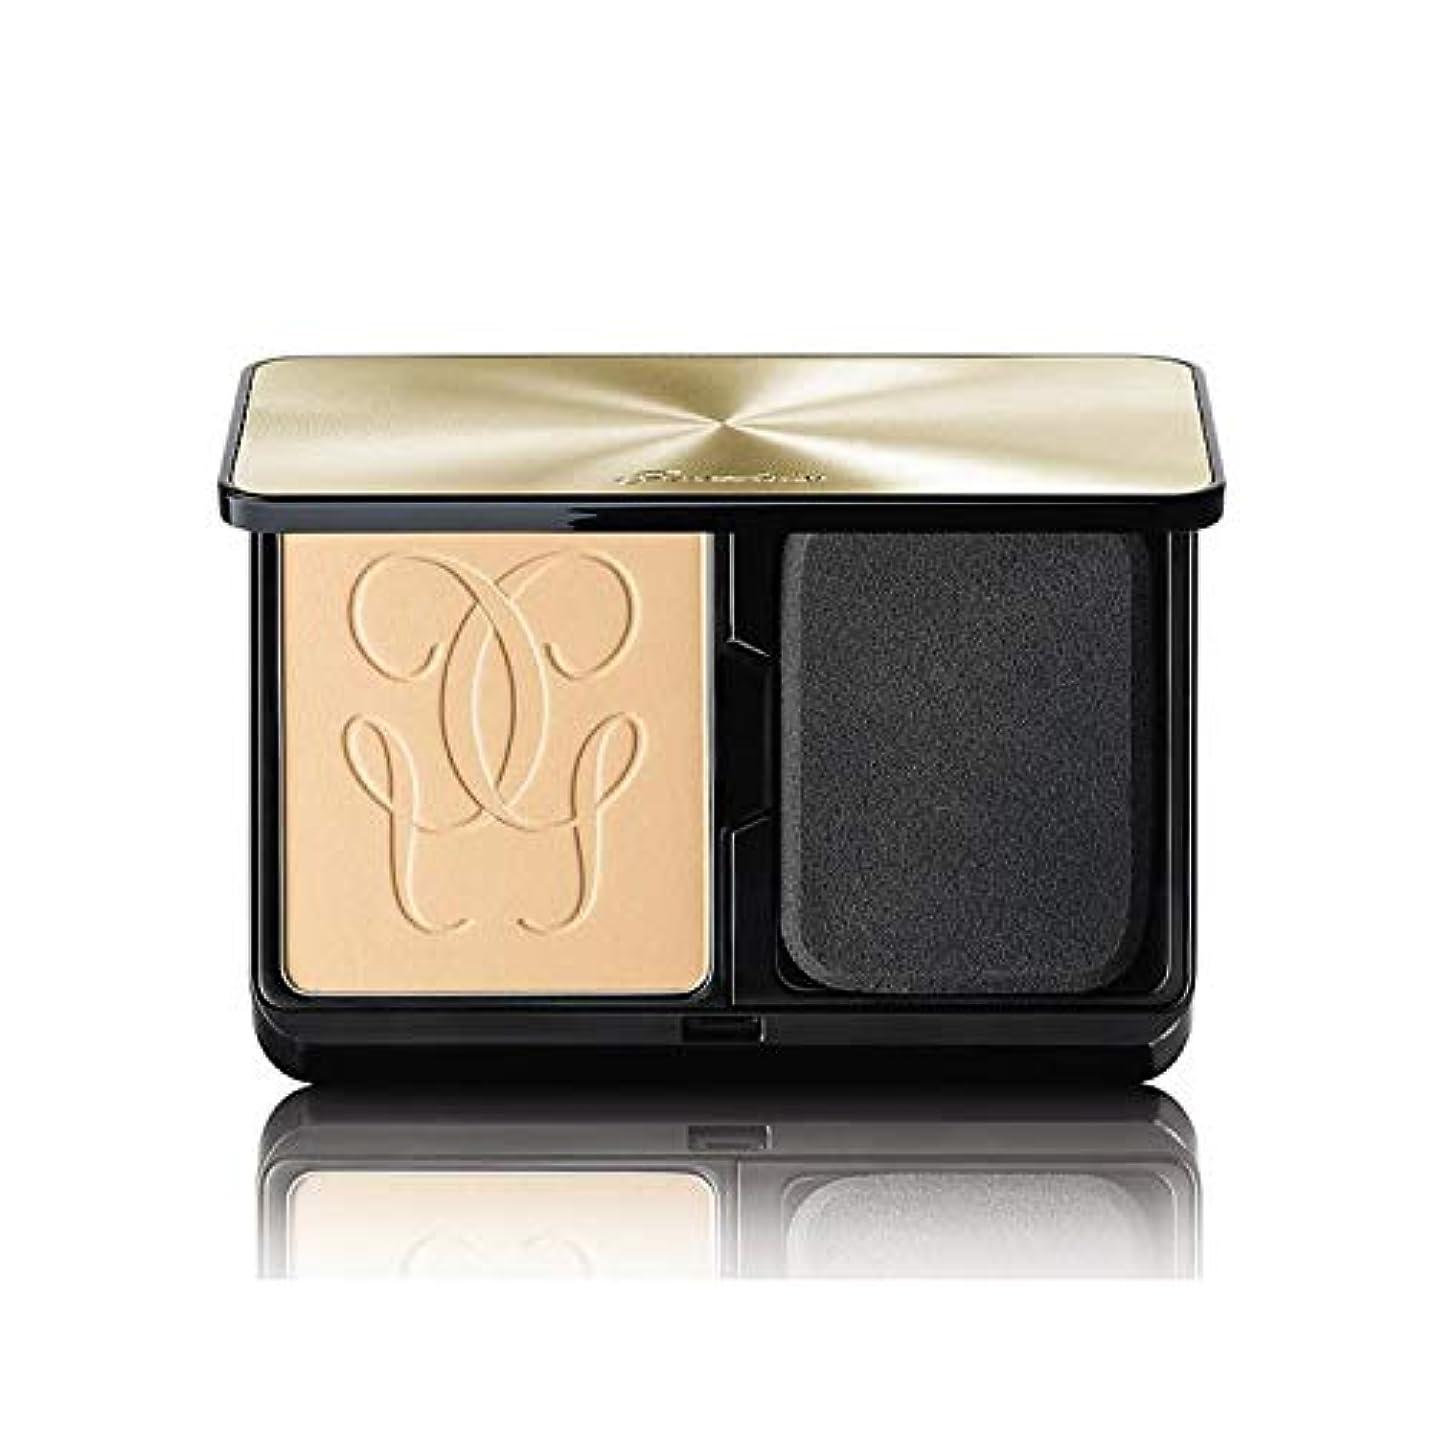 中世の販売計画使い込むゲラン Lingerie De Peau Mat Alive Buildable Compact Powder Foundation SPF 15 - # 01N Very Light 8.5g/0.29oz並行輸入品